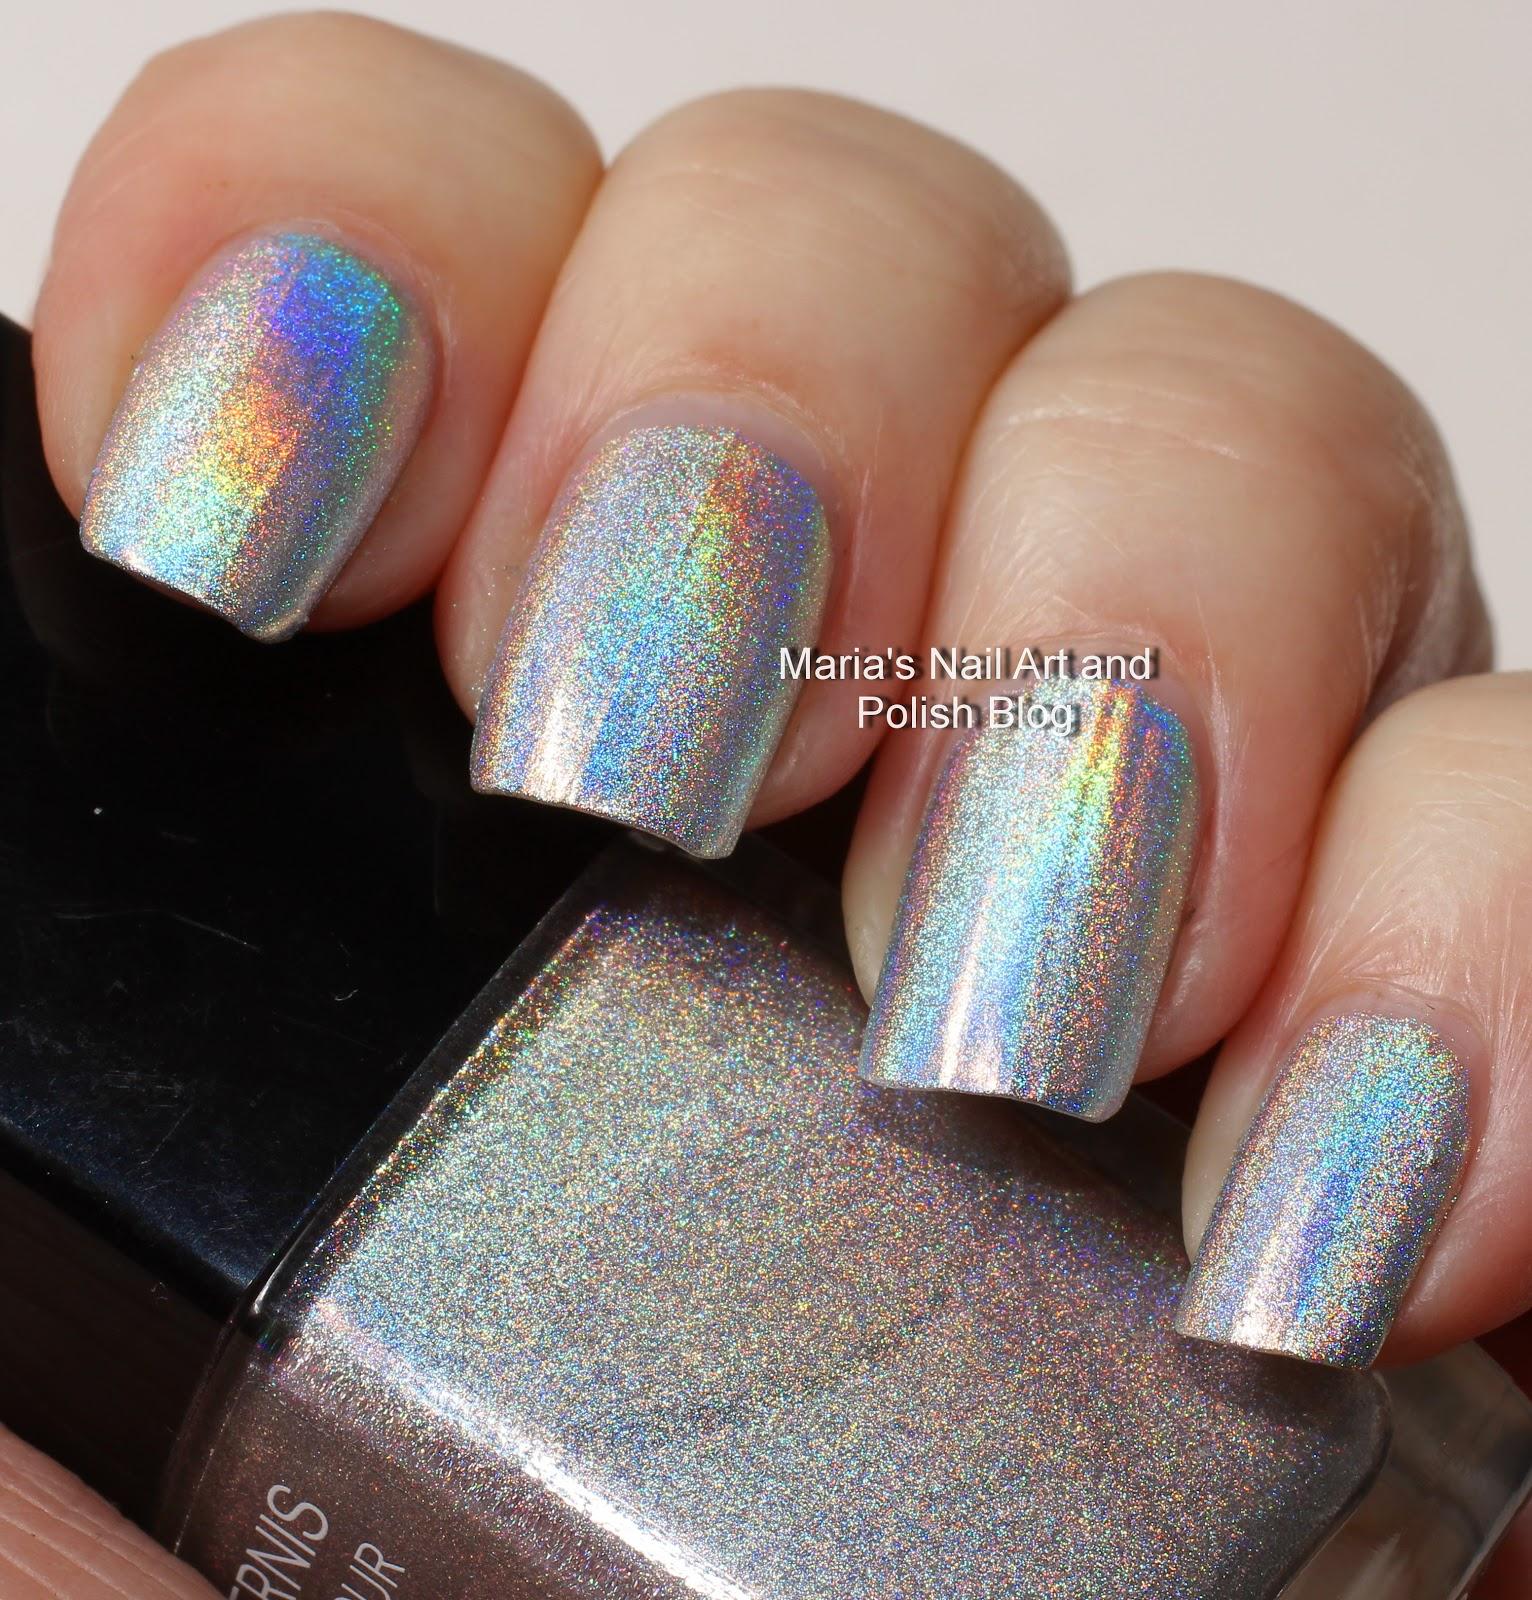 Chanel Holographic Nail Polish: Marias Nail Art And Polish Blog: Silver Holographic Polish